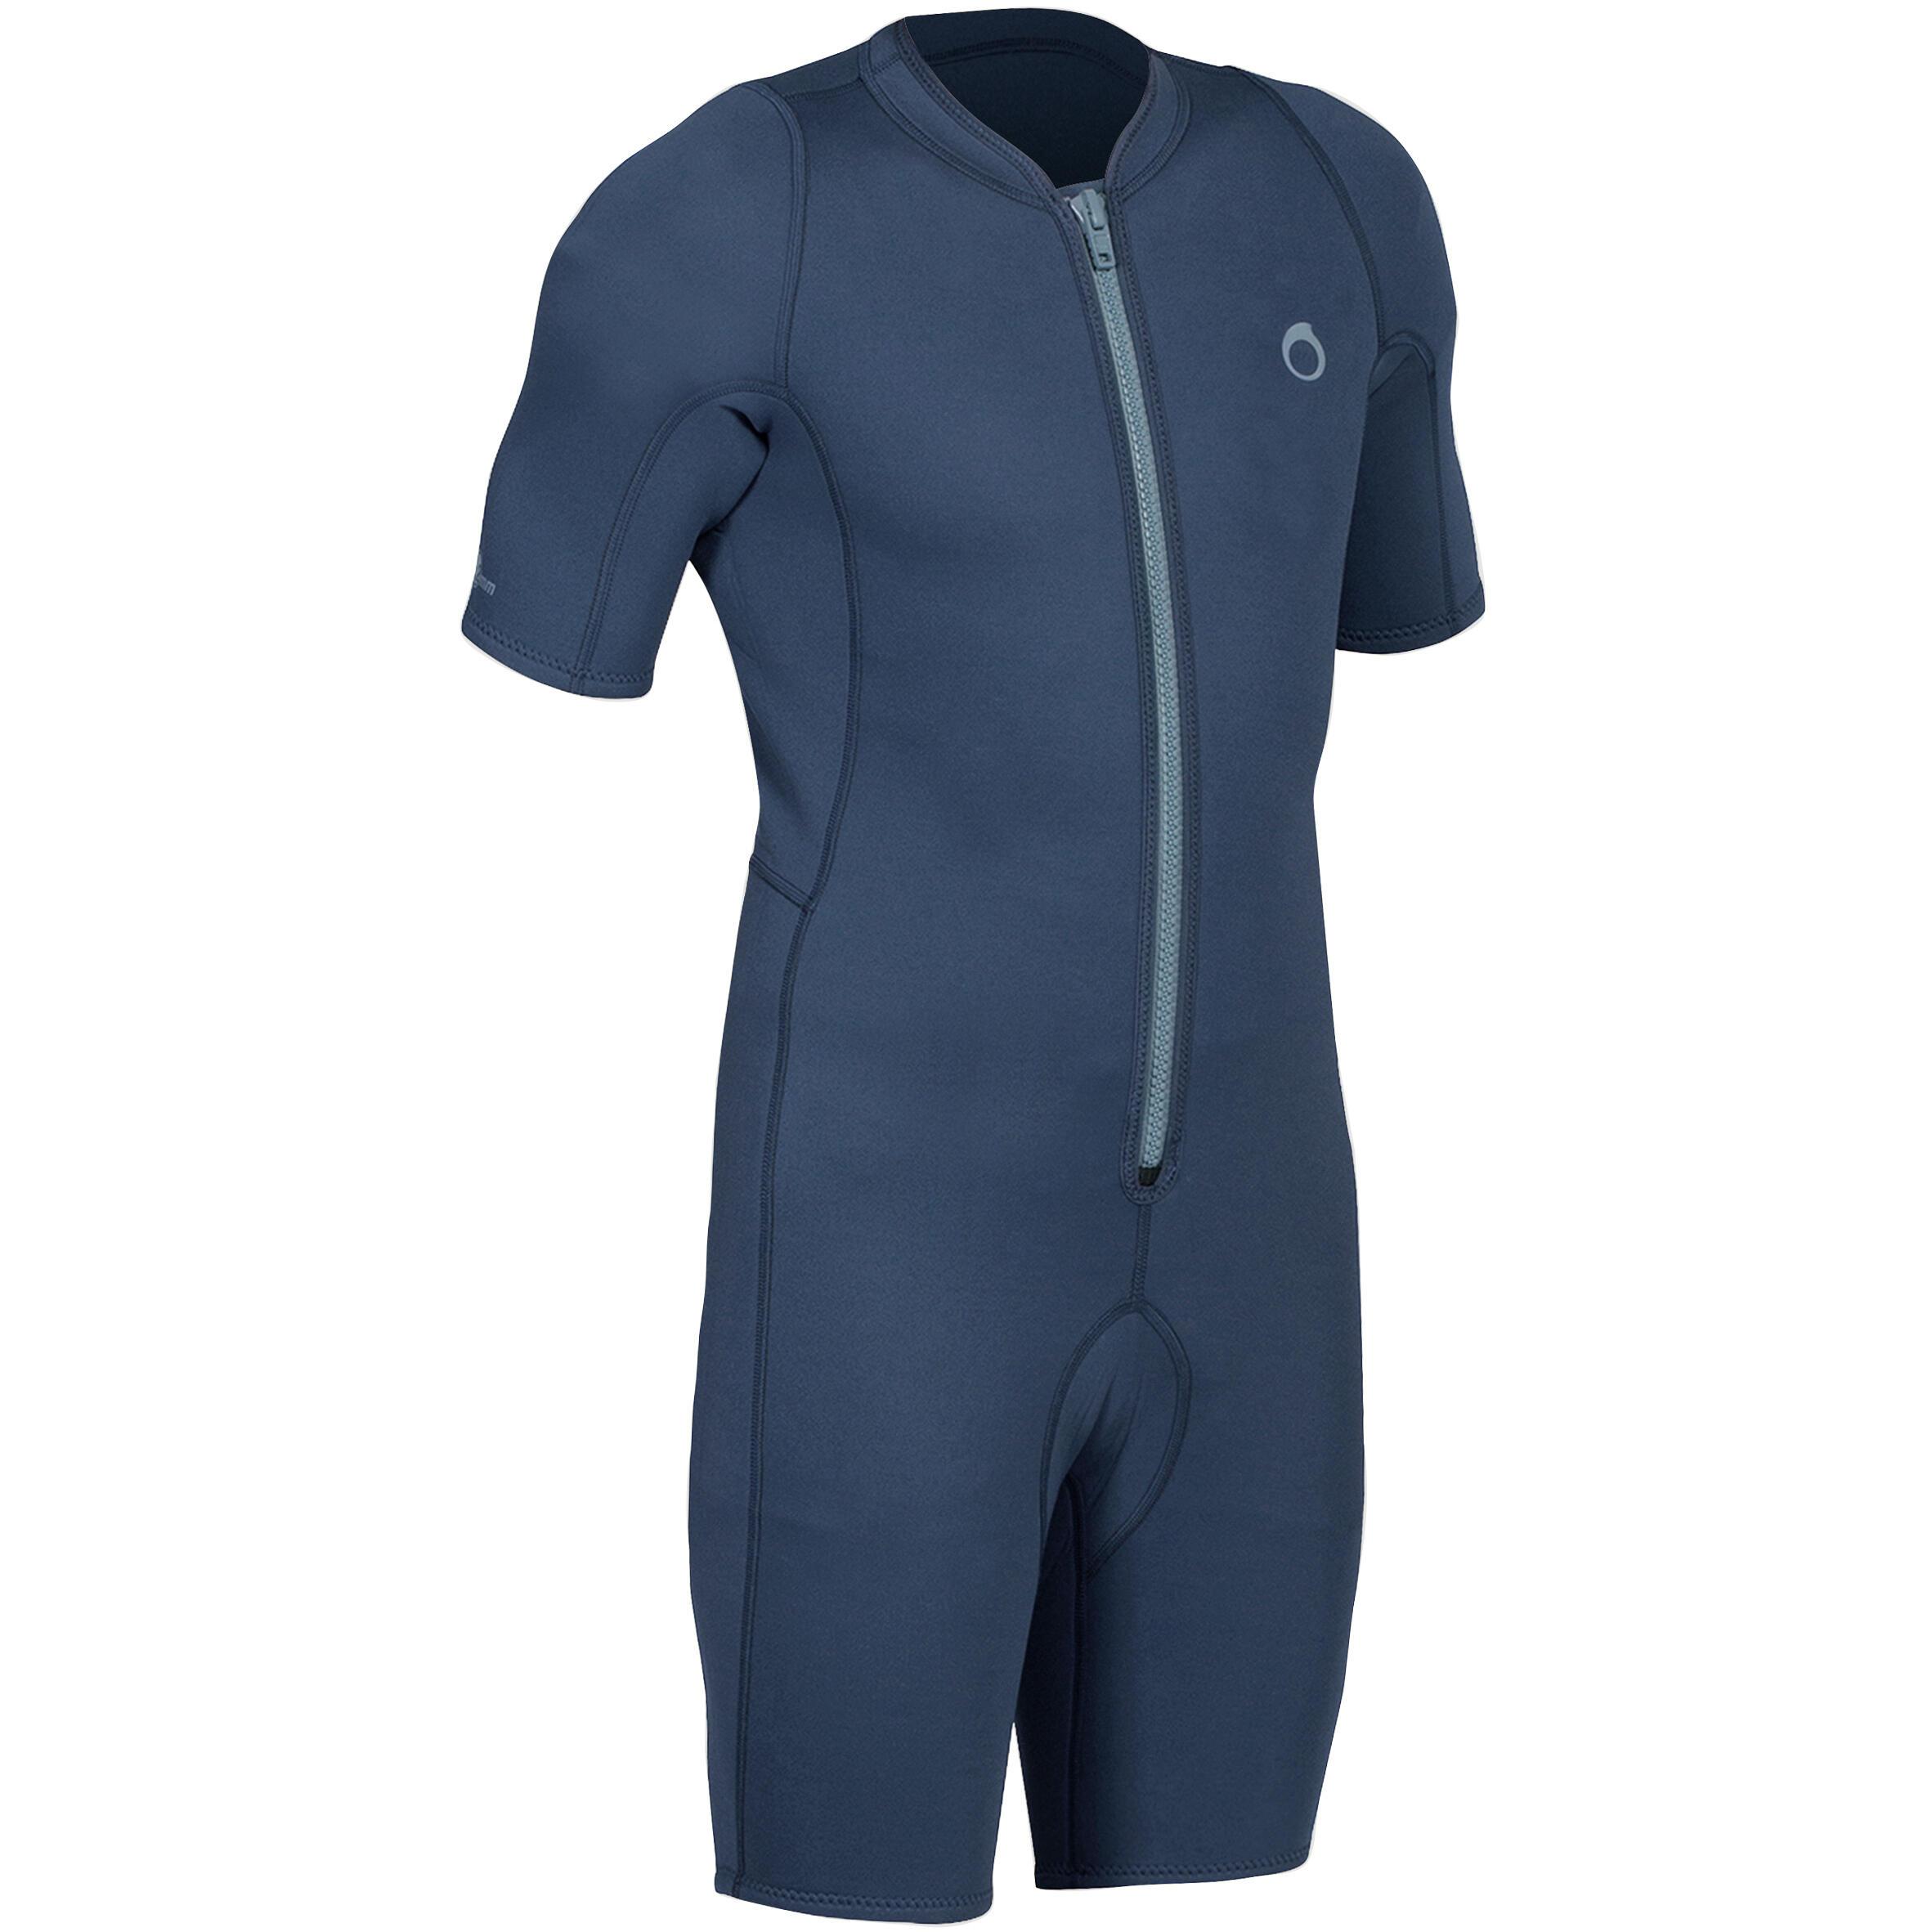 Neoprenanzug Shorty Schnorcheln 100 Herren blau | Sportbekleidung > Sportanzüge > Sonstige Sportanzüge | Blau - Grau | Jersey | Subea